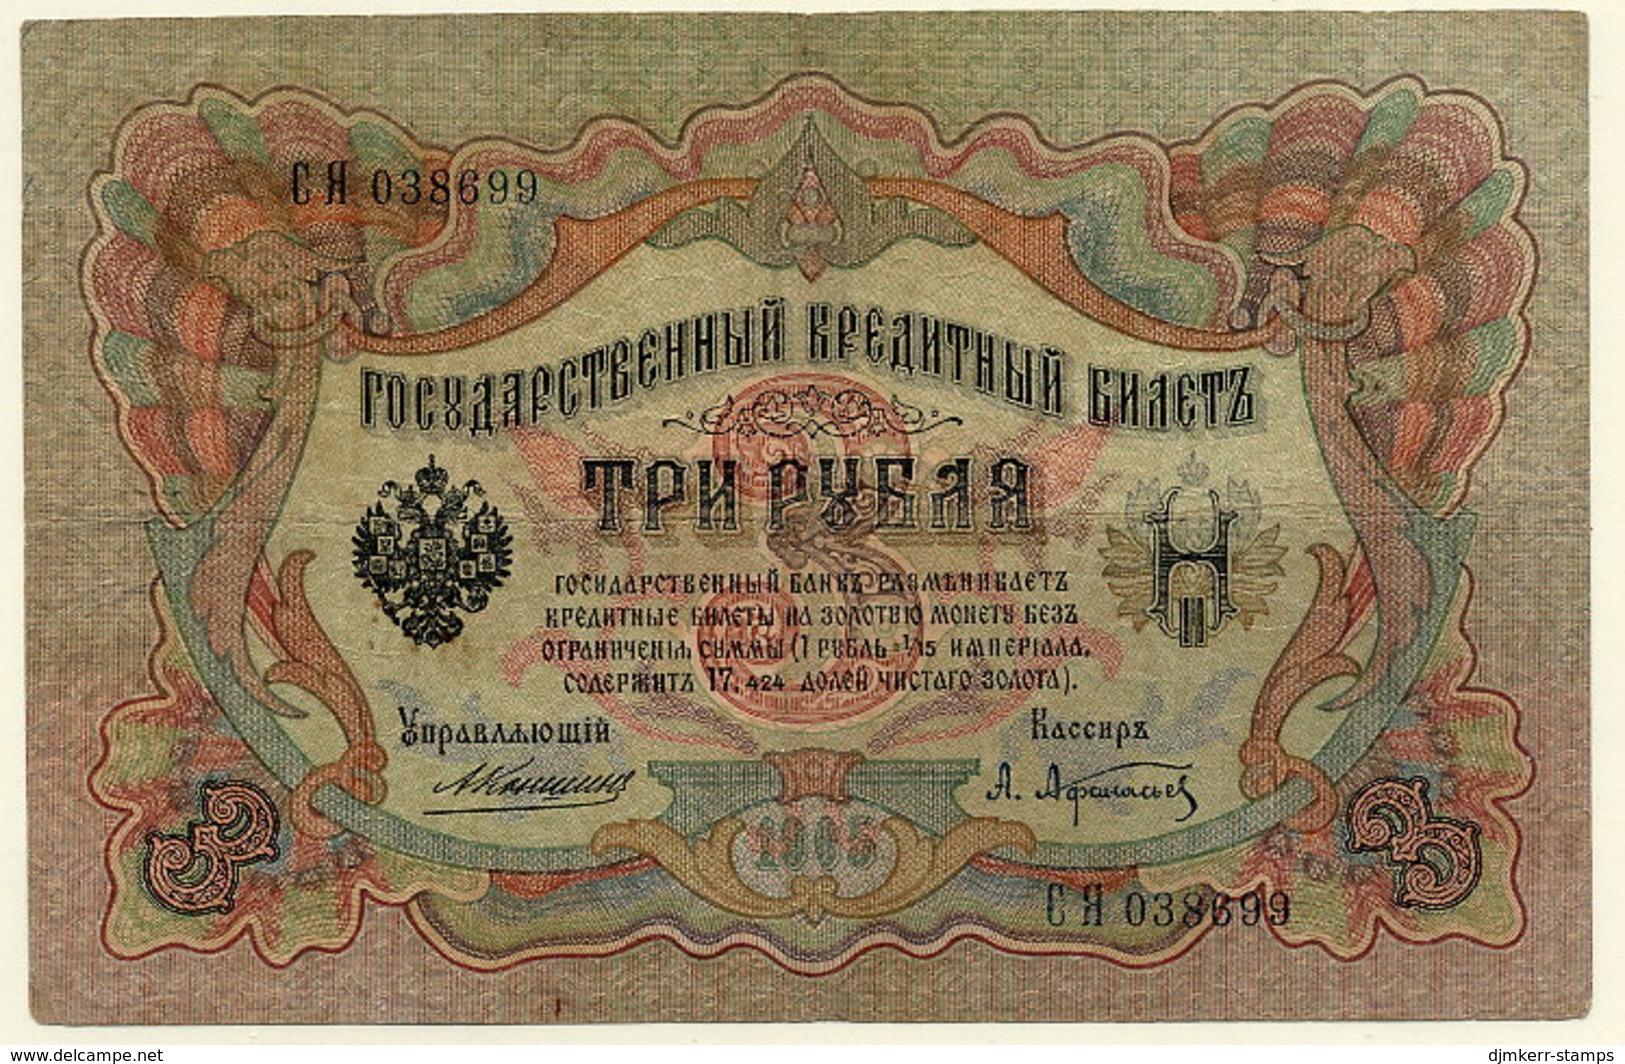 RUSSIA 1905  3 Rub. (Konshin/Afanasiev) VF  P9a - Russie